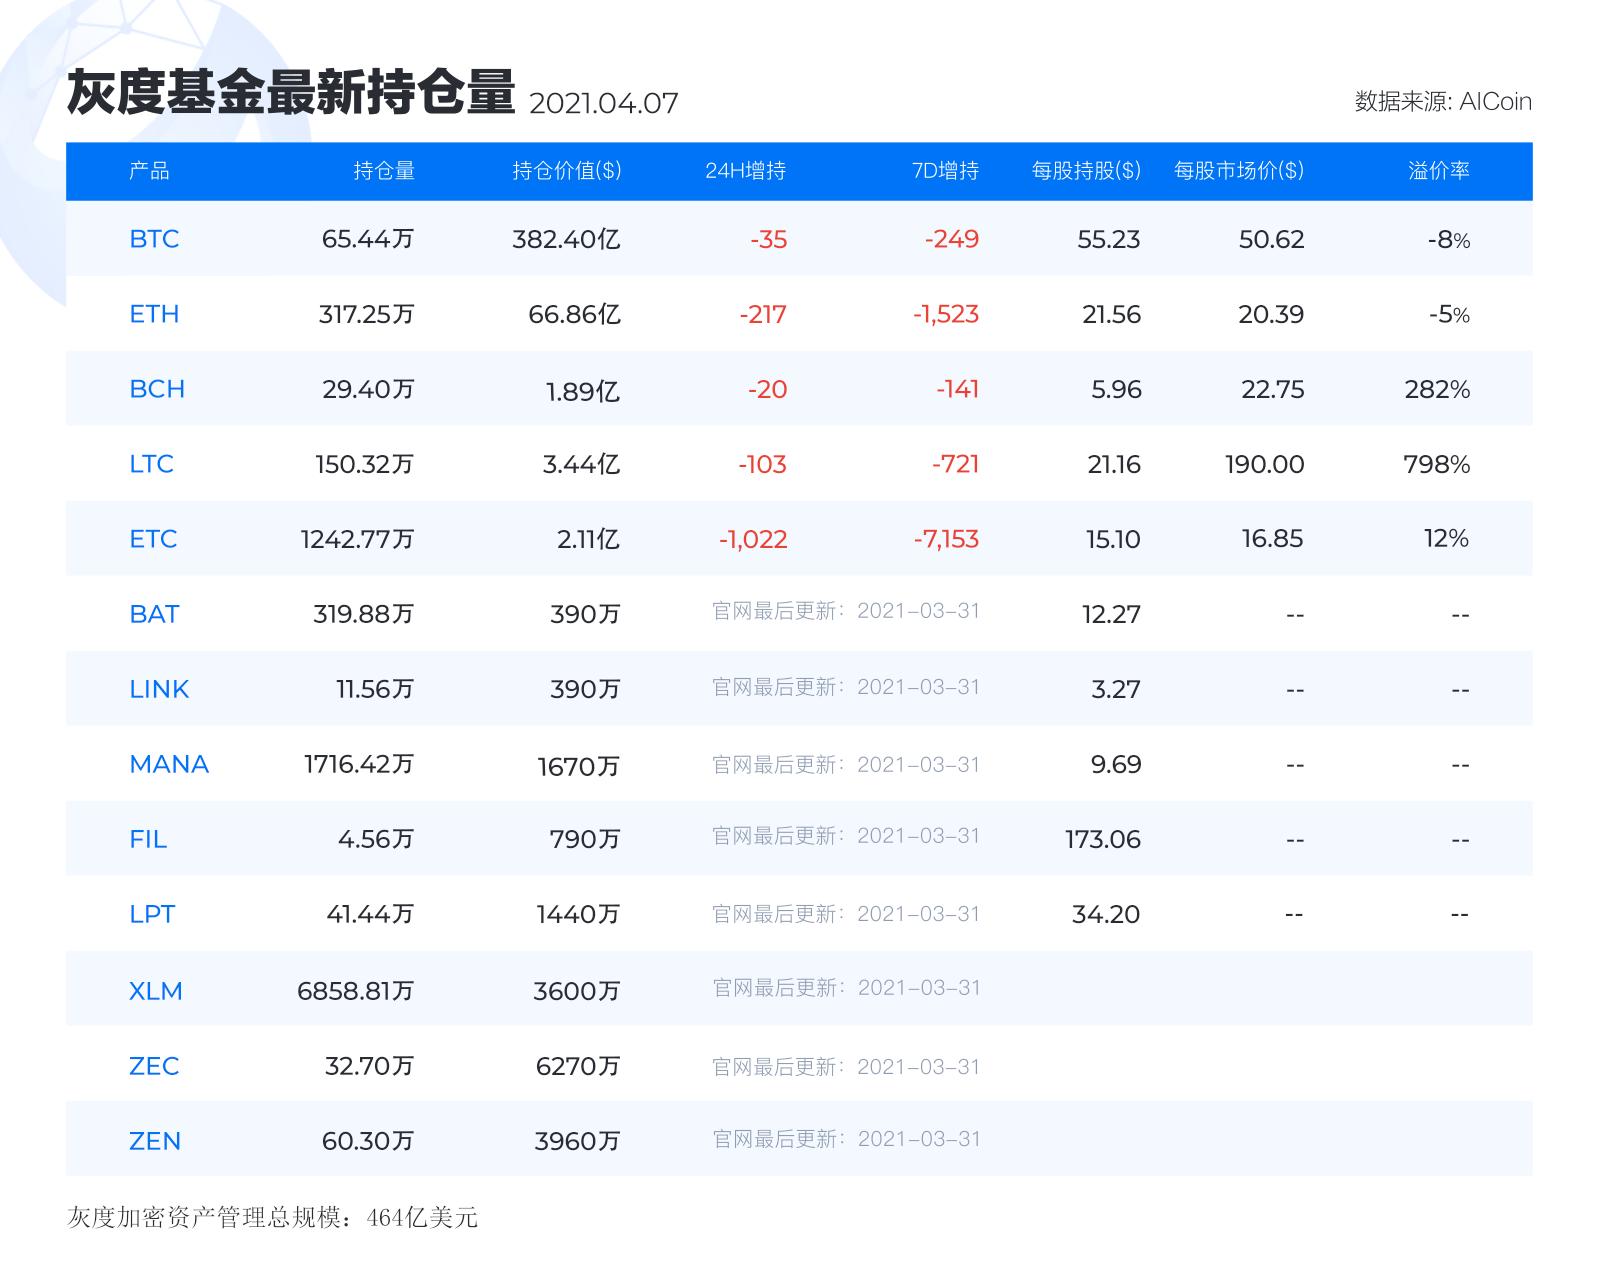 灰度基金最新持仓丨4月7日_aicoin_图1